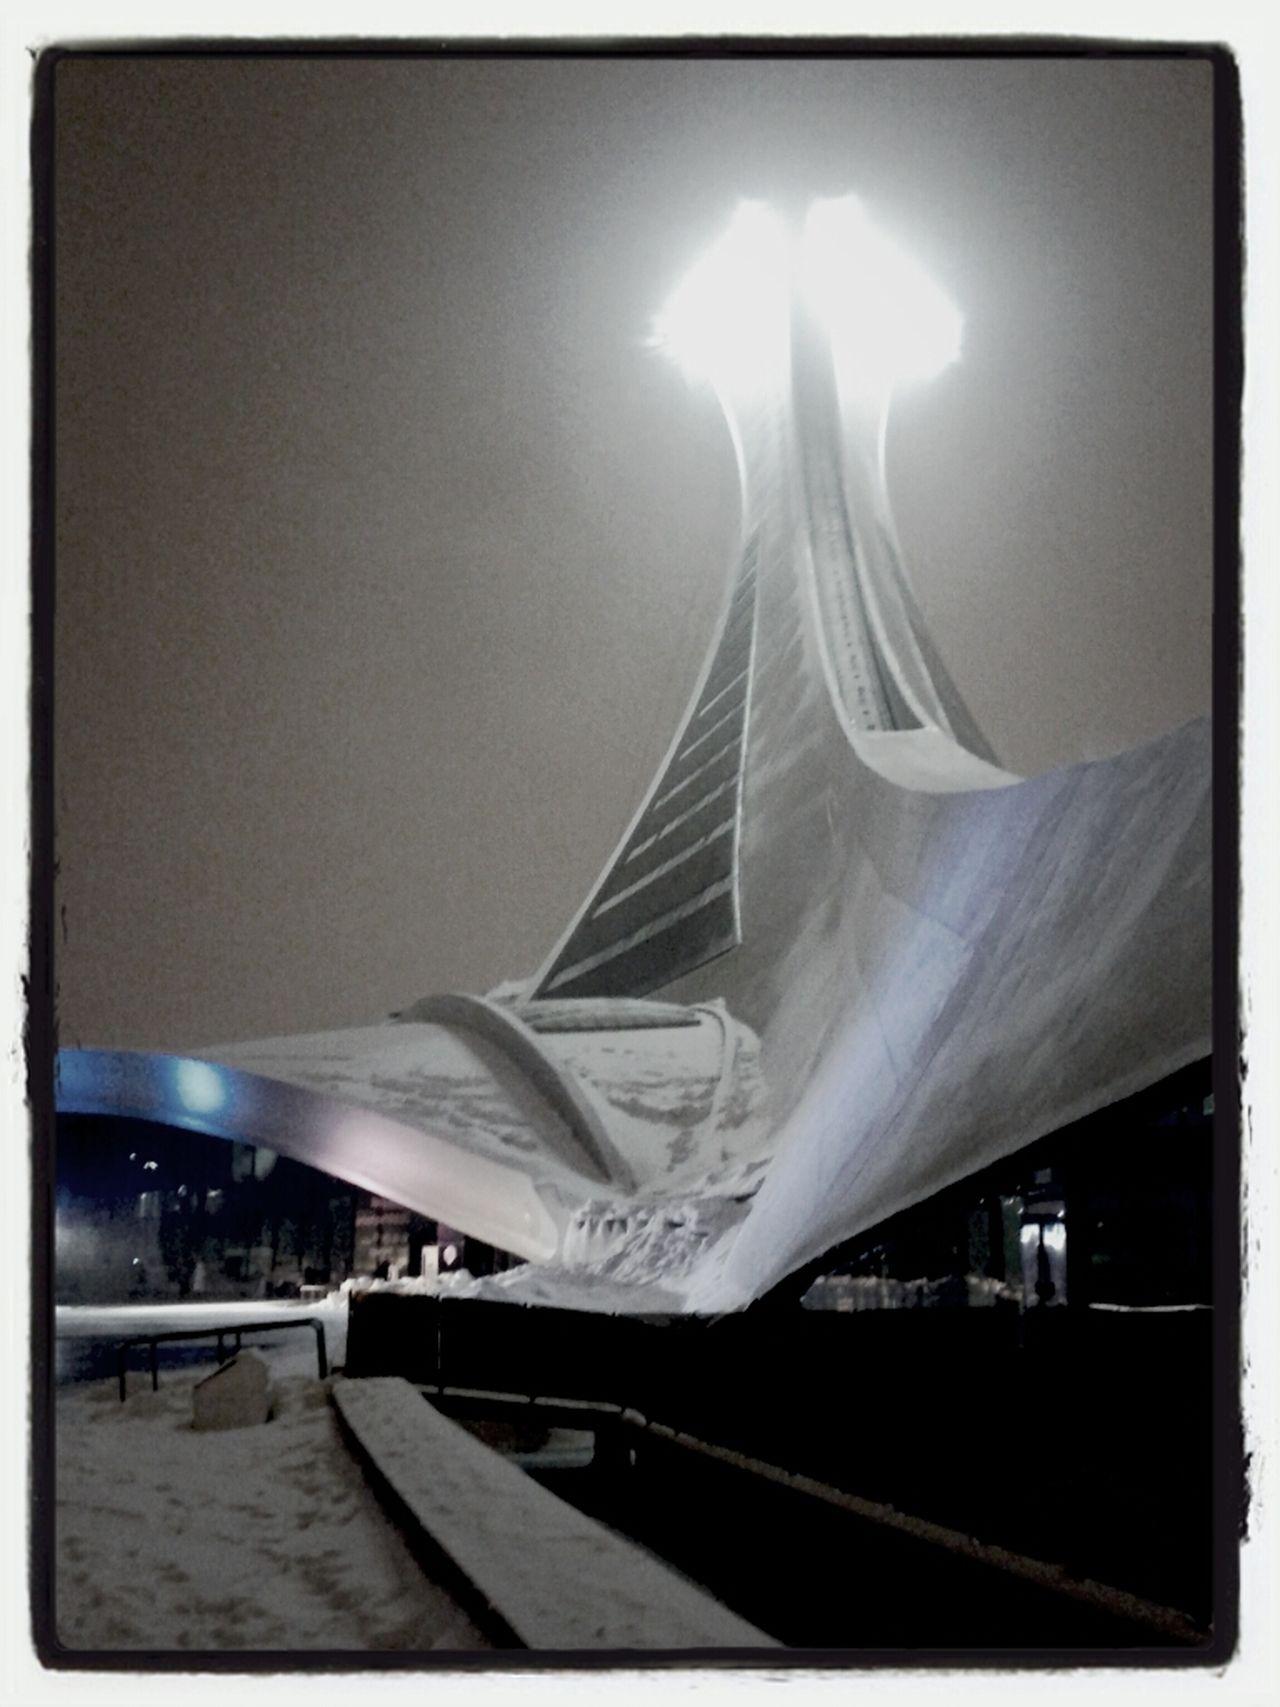 Architecture Montréal Snow America Tower Canada Neige Tour Stadium Olympic Stadium Sports Stadium Stade Neige Nocturne Qc North America